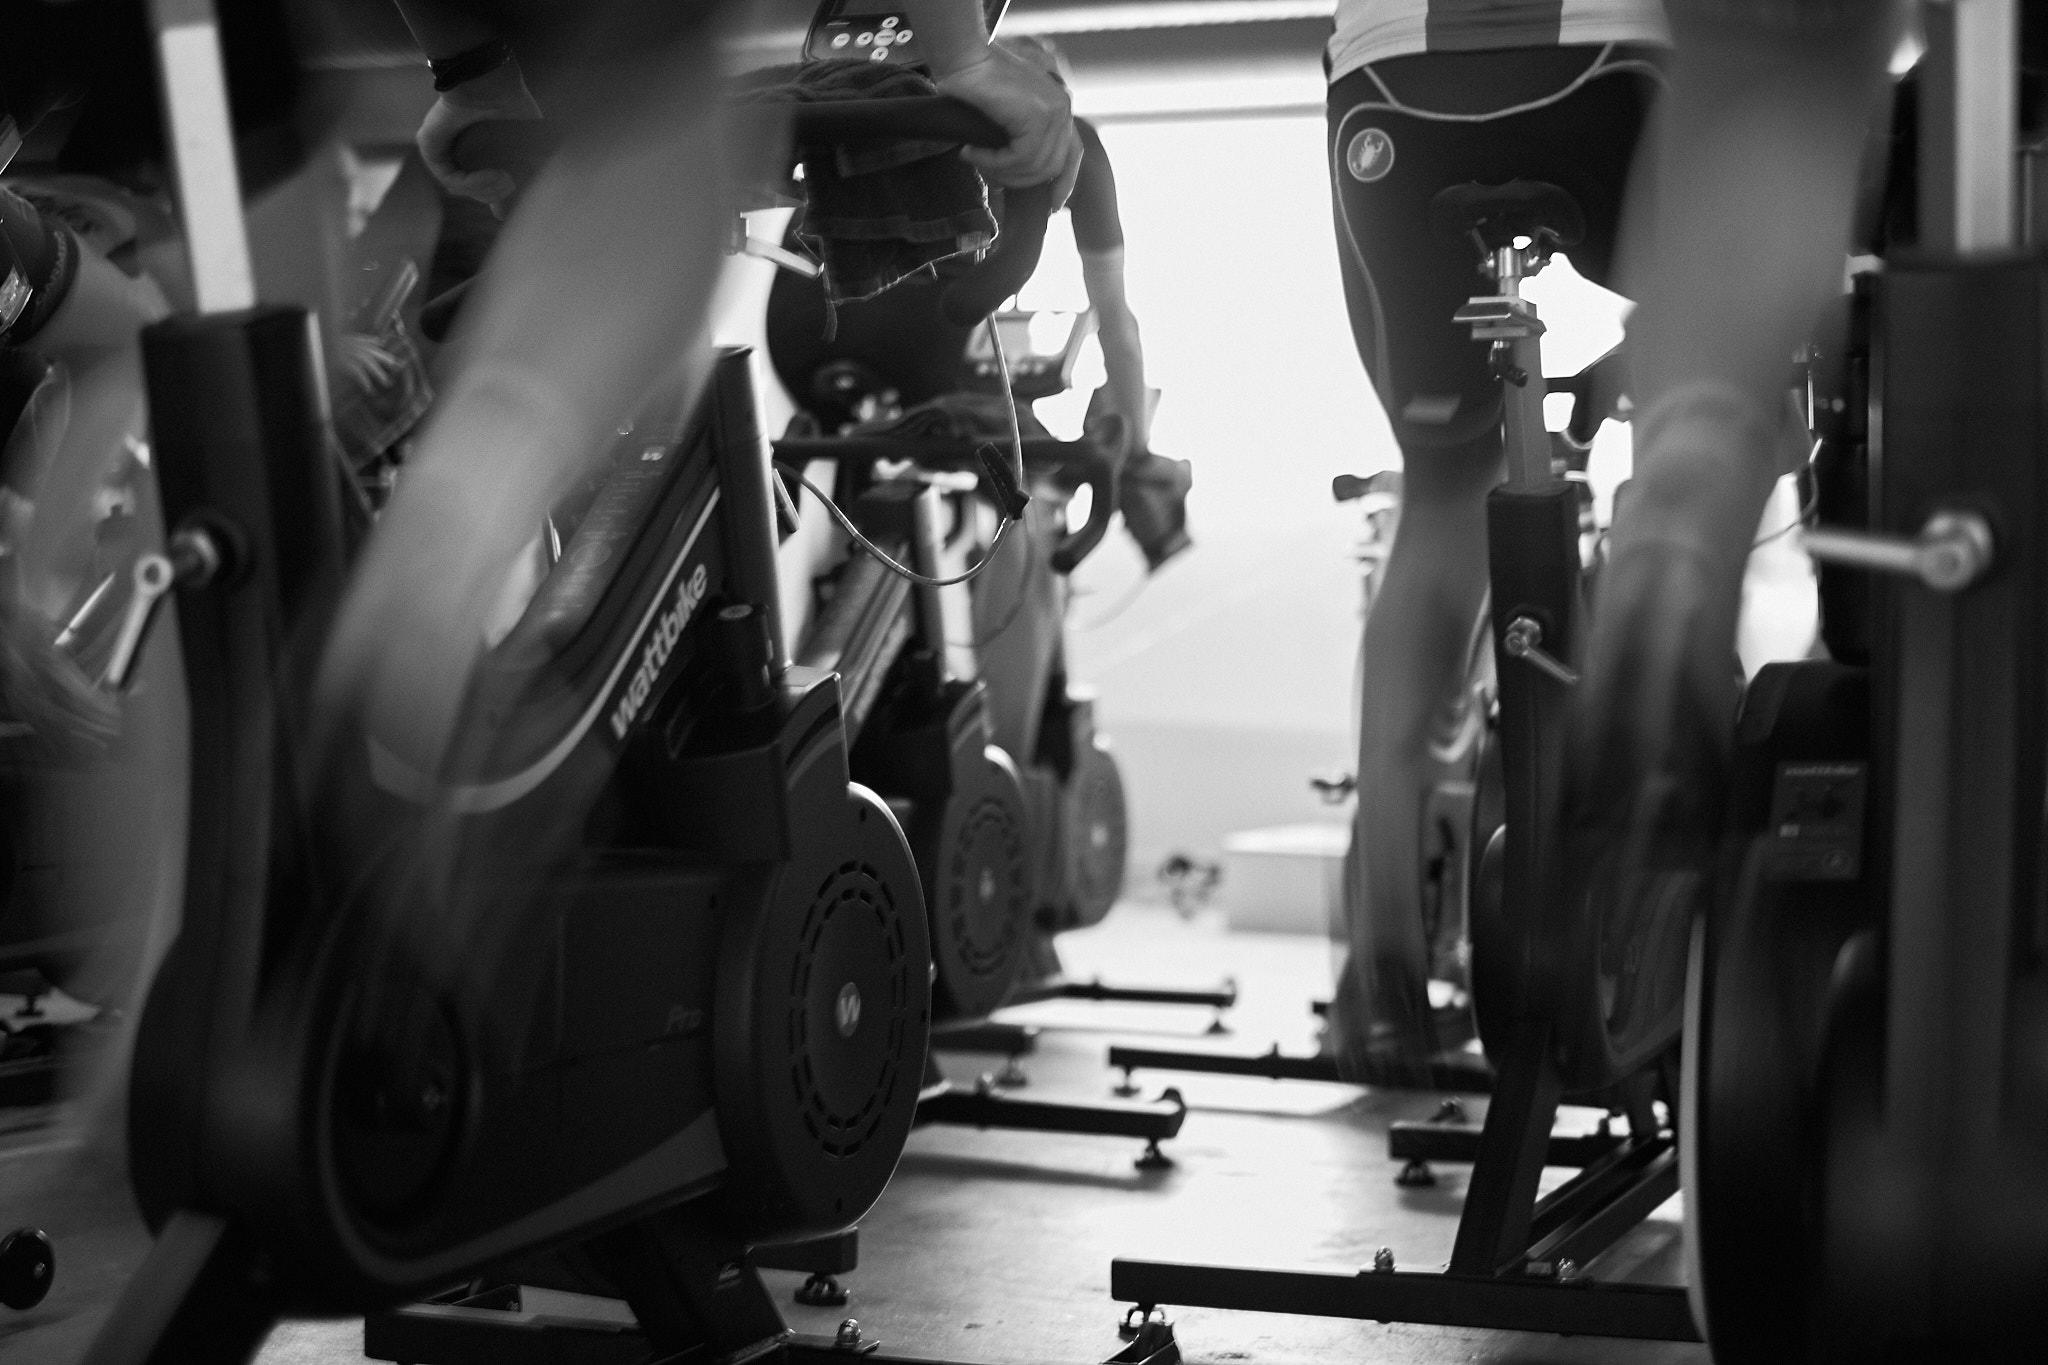 träning som ger påtagliga resultat - Det är mer aktuellt än någonsin för arbetsgivare att se till att personalen mår bra fysiskt och mentalt. Vi på Studio l'Echelon skräddarsyr friskvårdslösningar till företag genom att erbjuda cykelträning individuellt eller i grupp.